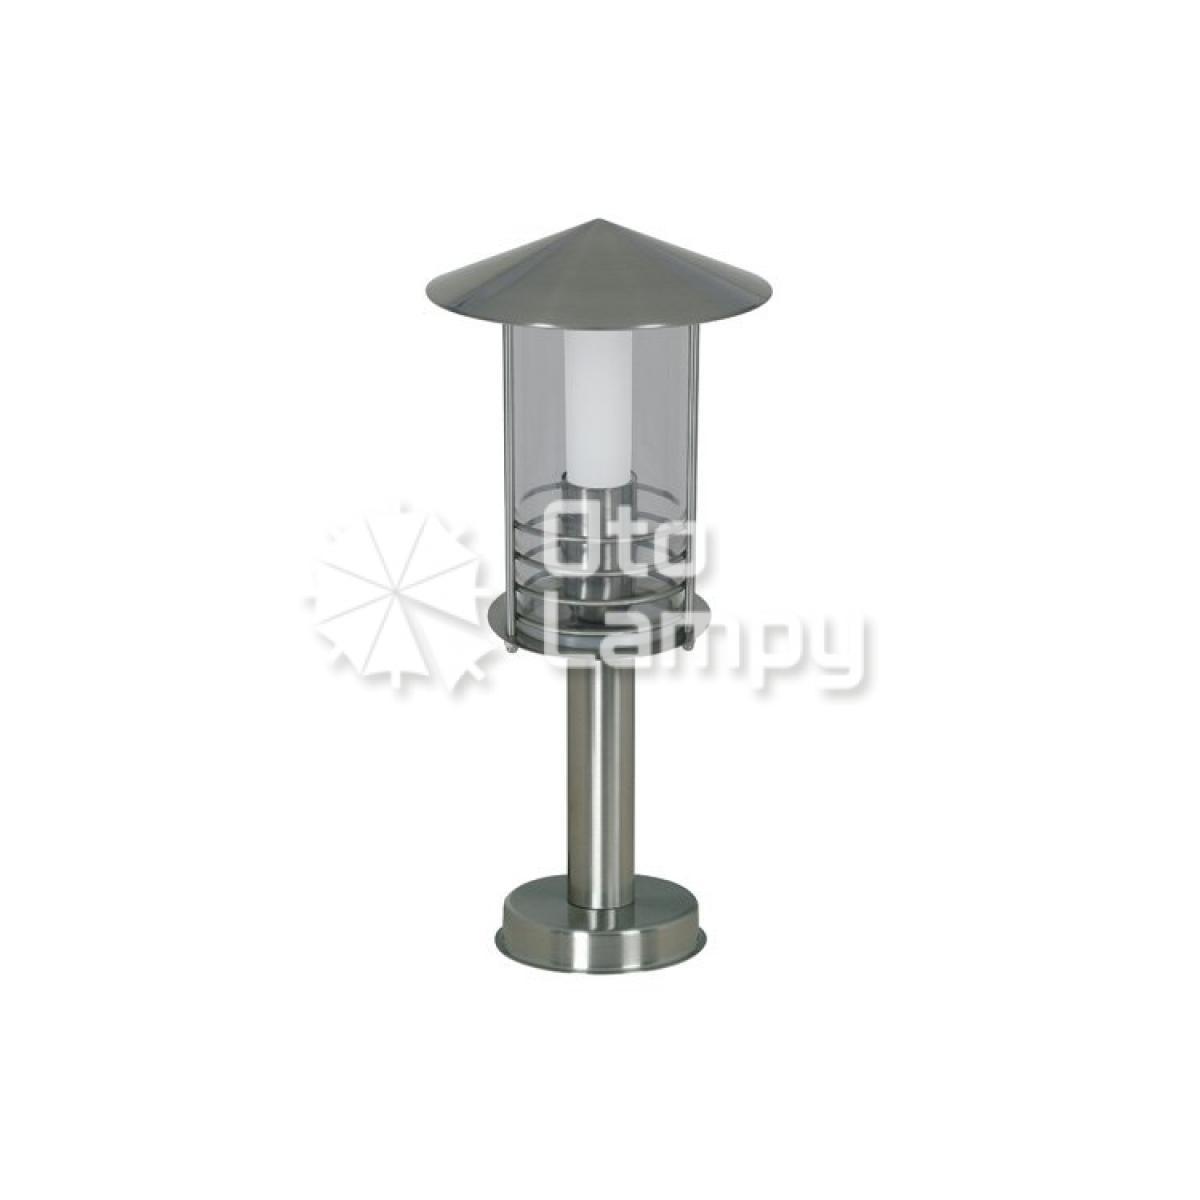 lampy ogrodowe stojące, lampy pływające, reflektory nabrzeżne, lampki solarne